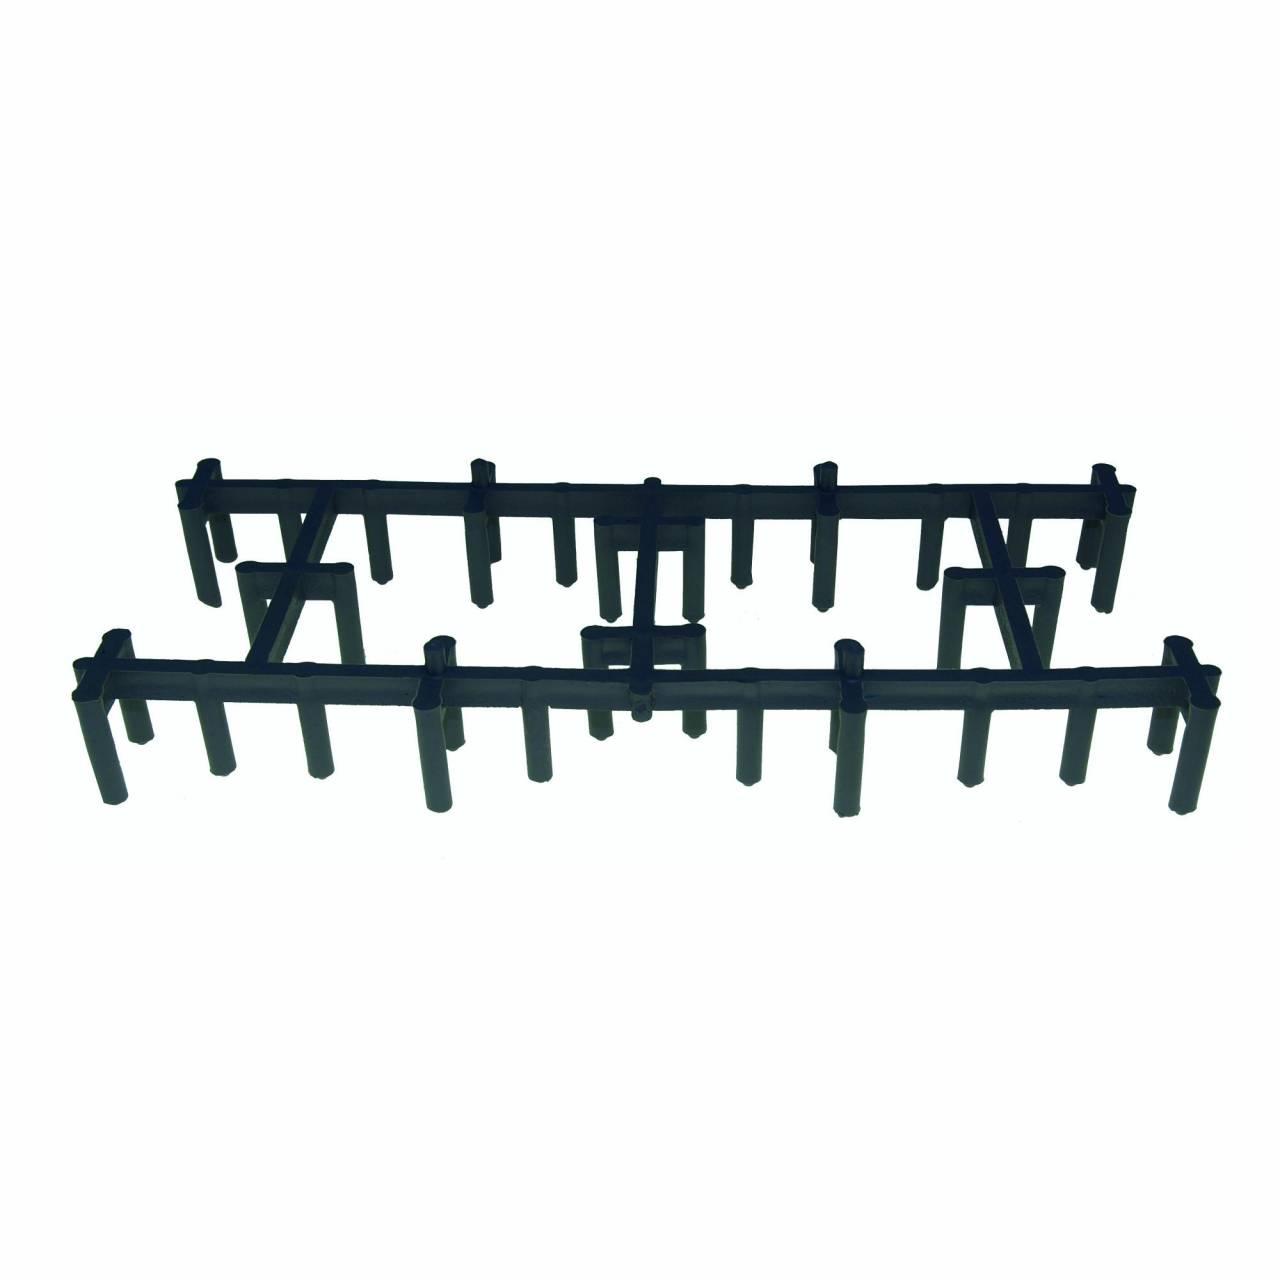 Rhombus-35 Flächen-Armierungsabstandhalter / Sack a 250 Stück